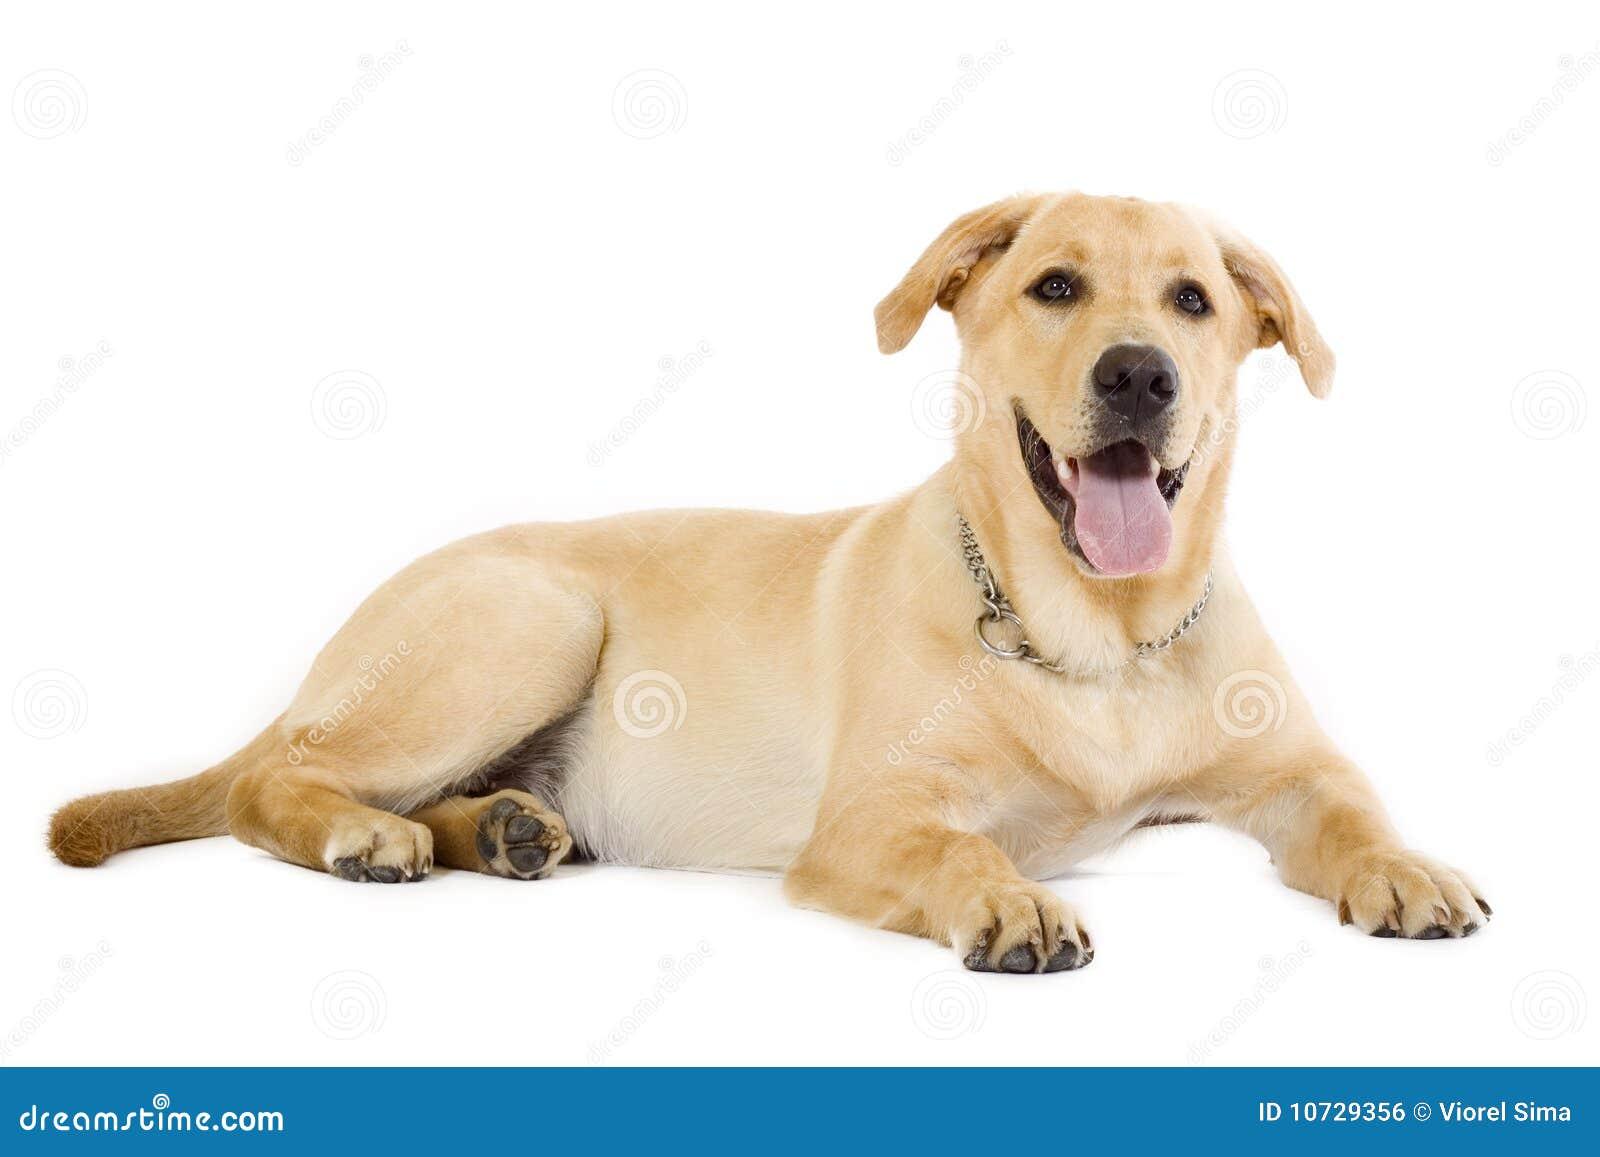 农夫色人和狗_奶油色拉布拉多小狗猎犬